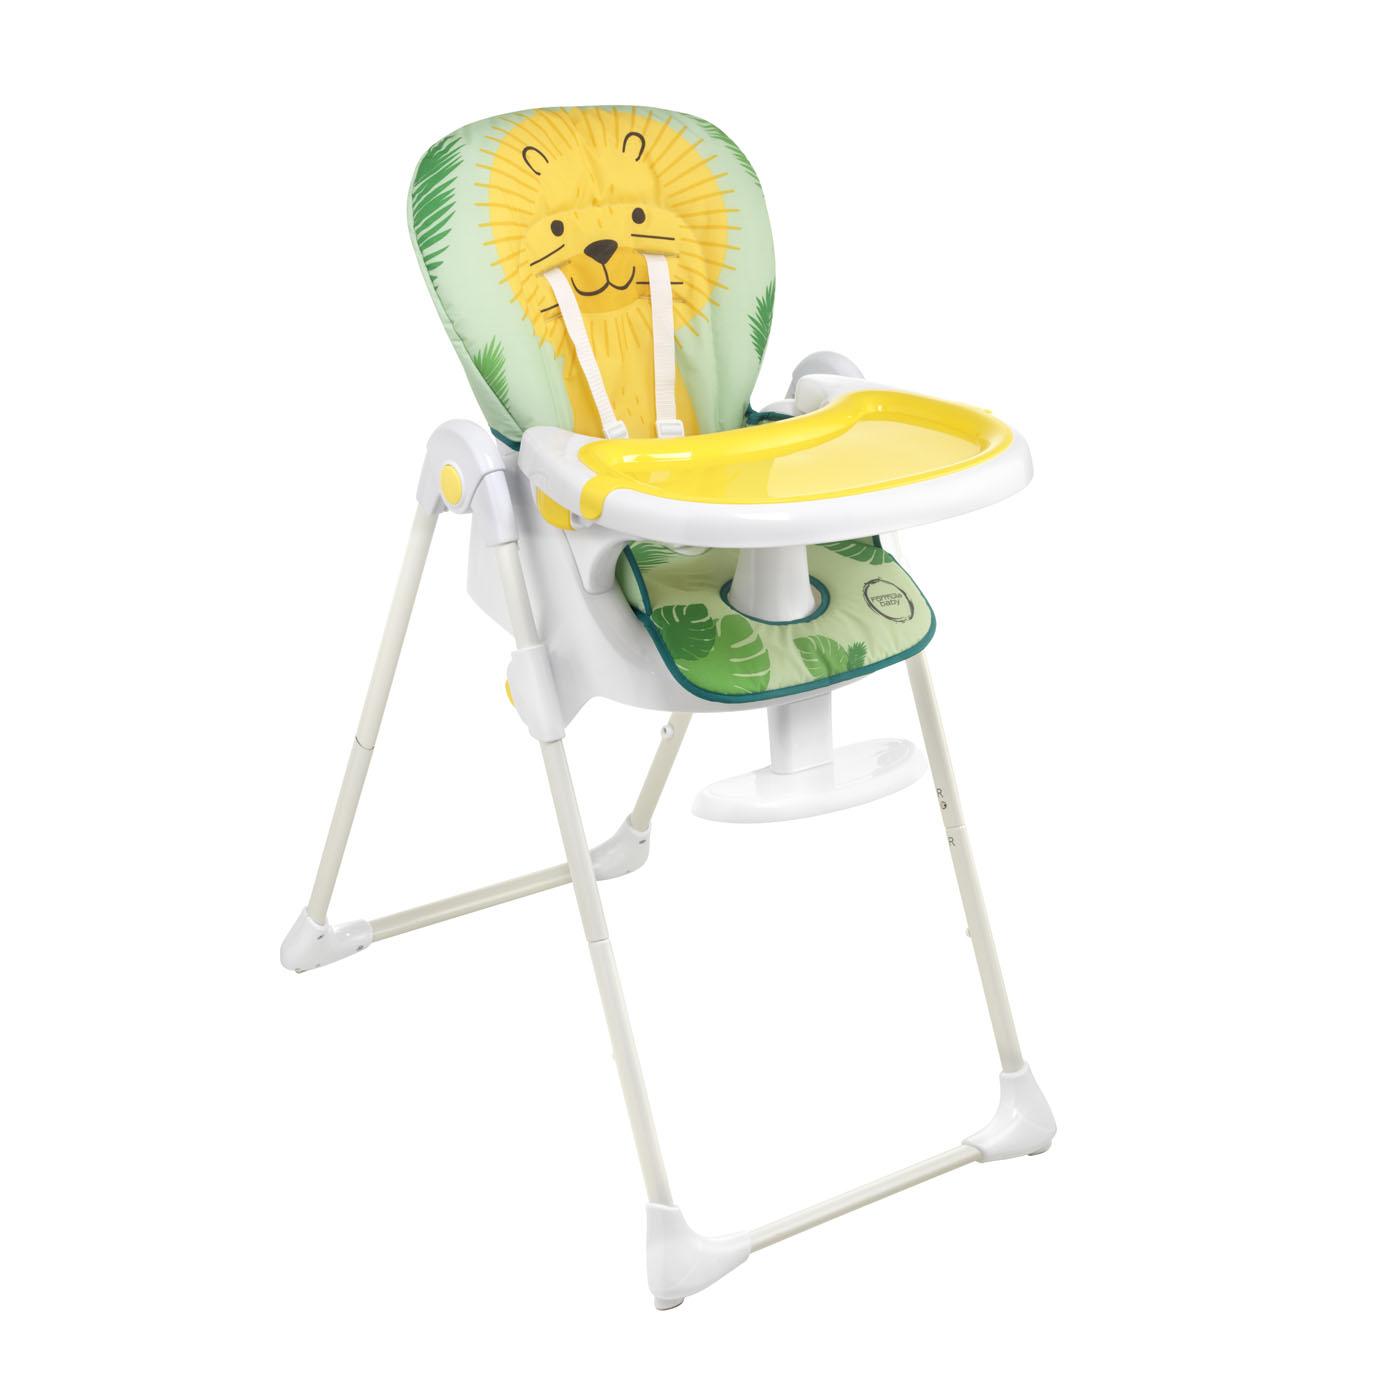 Chaise haute multipo MULTICOLORE Formula Baby